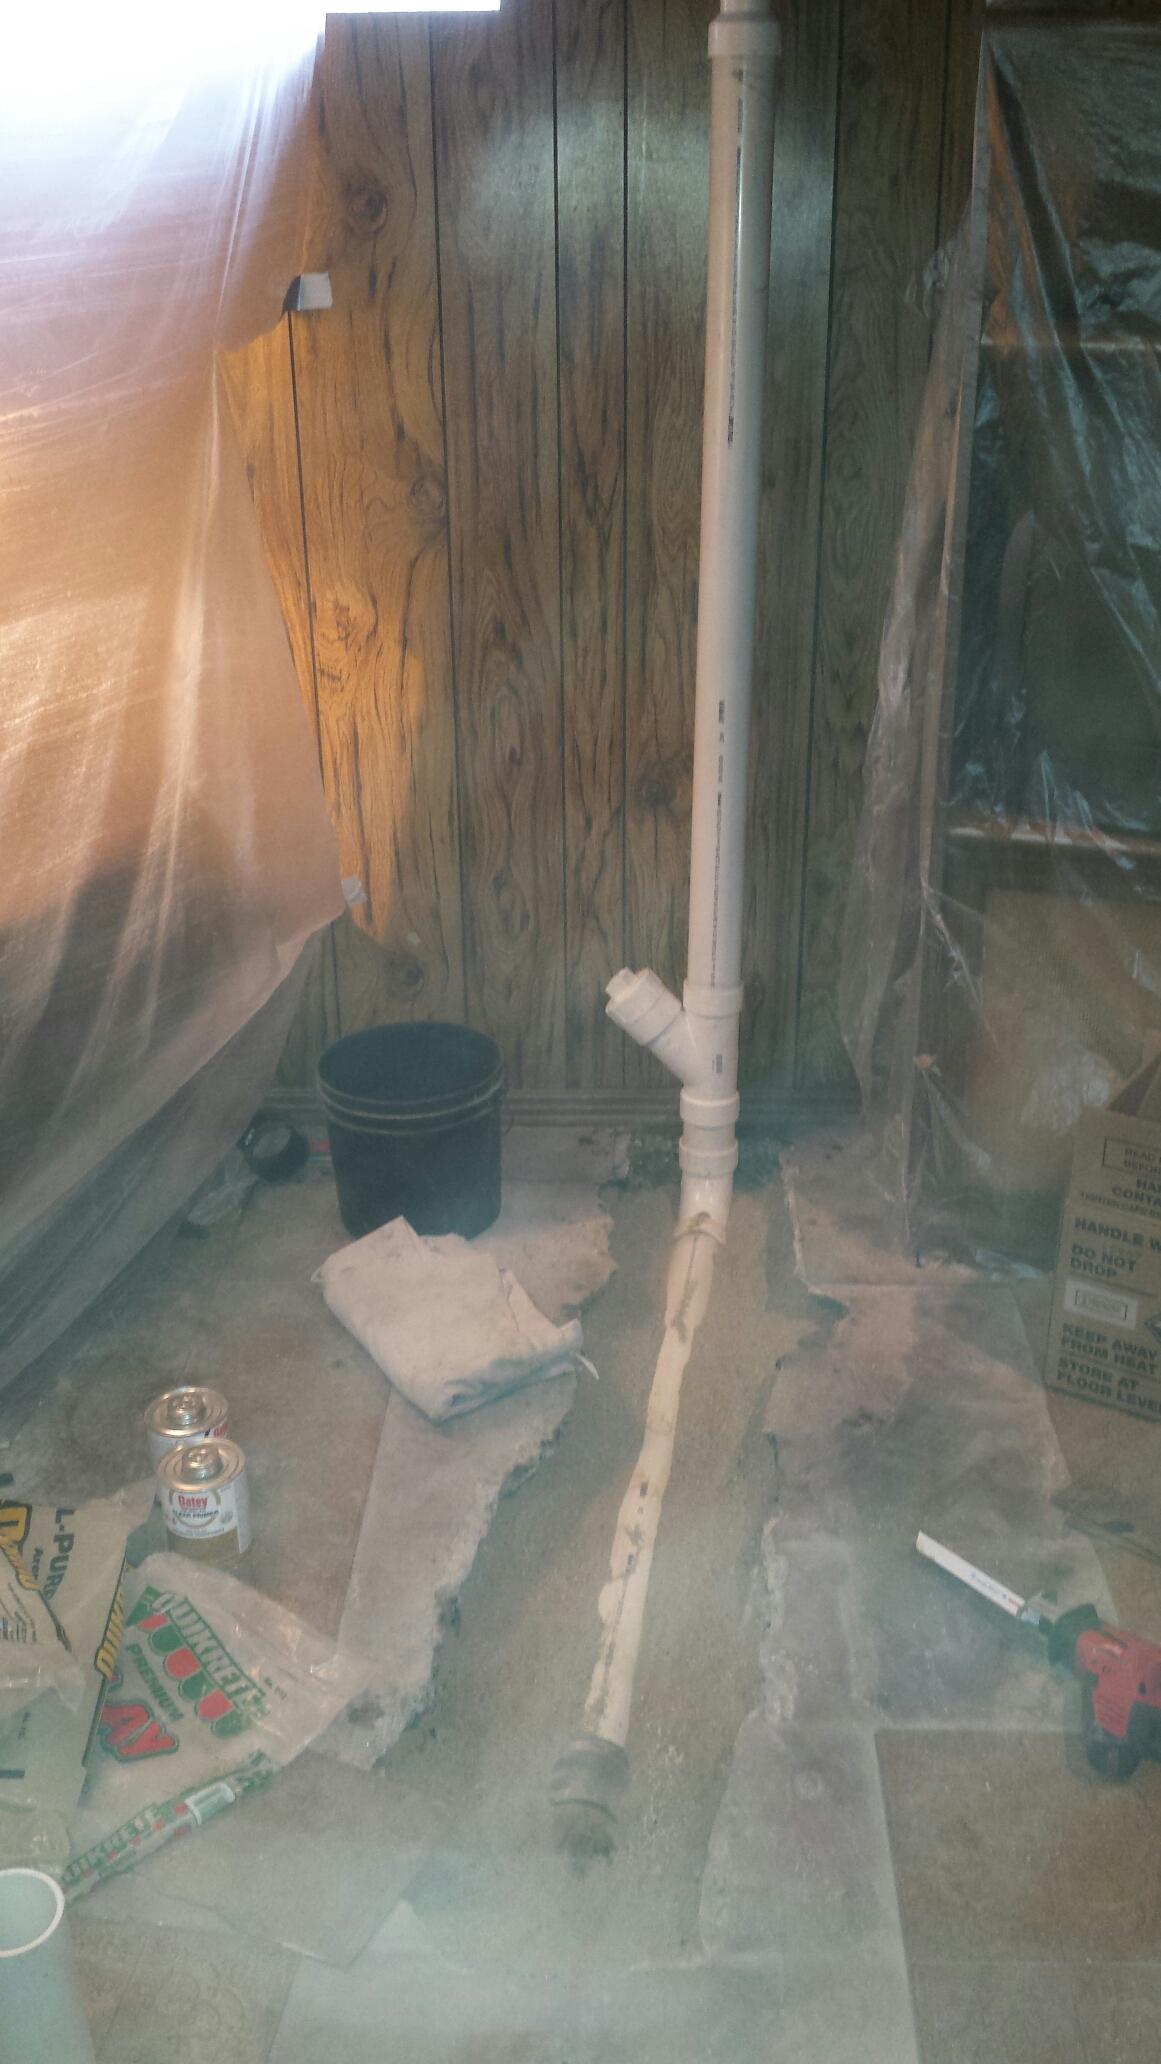 Wyandotte, MI - Floor BreakRepairs made to underground kitchen drain line.